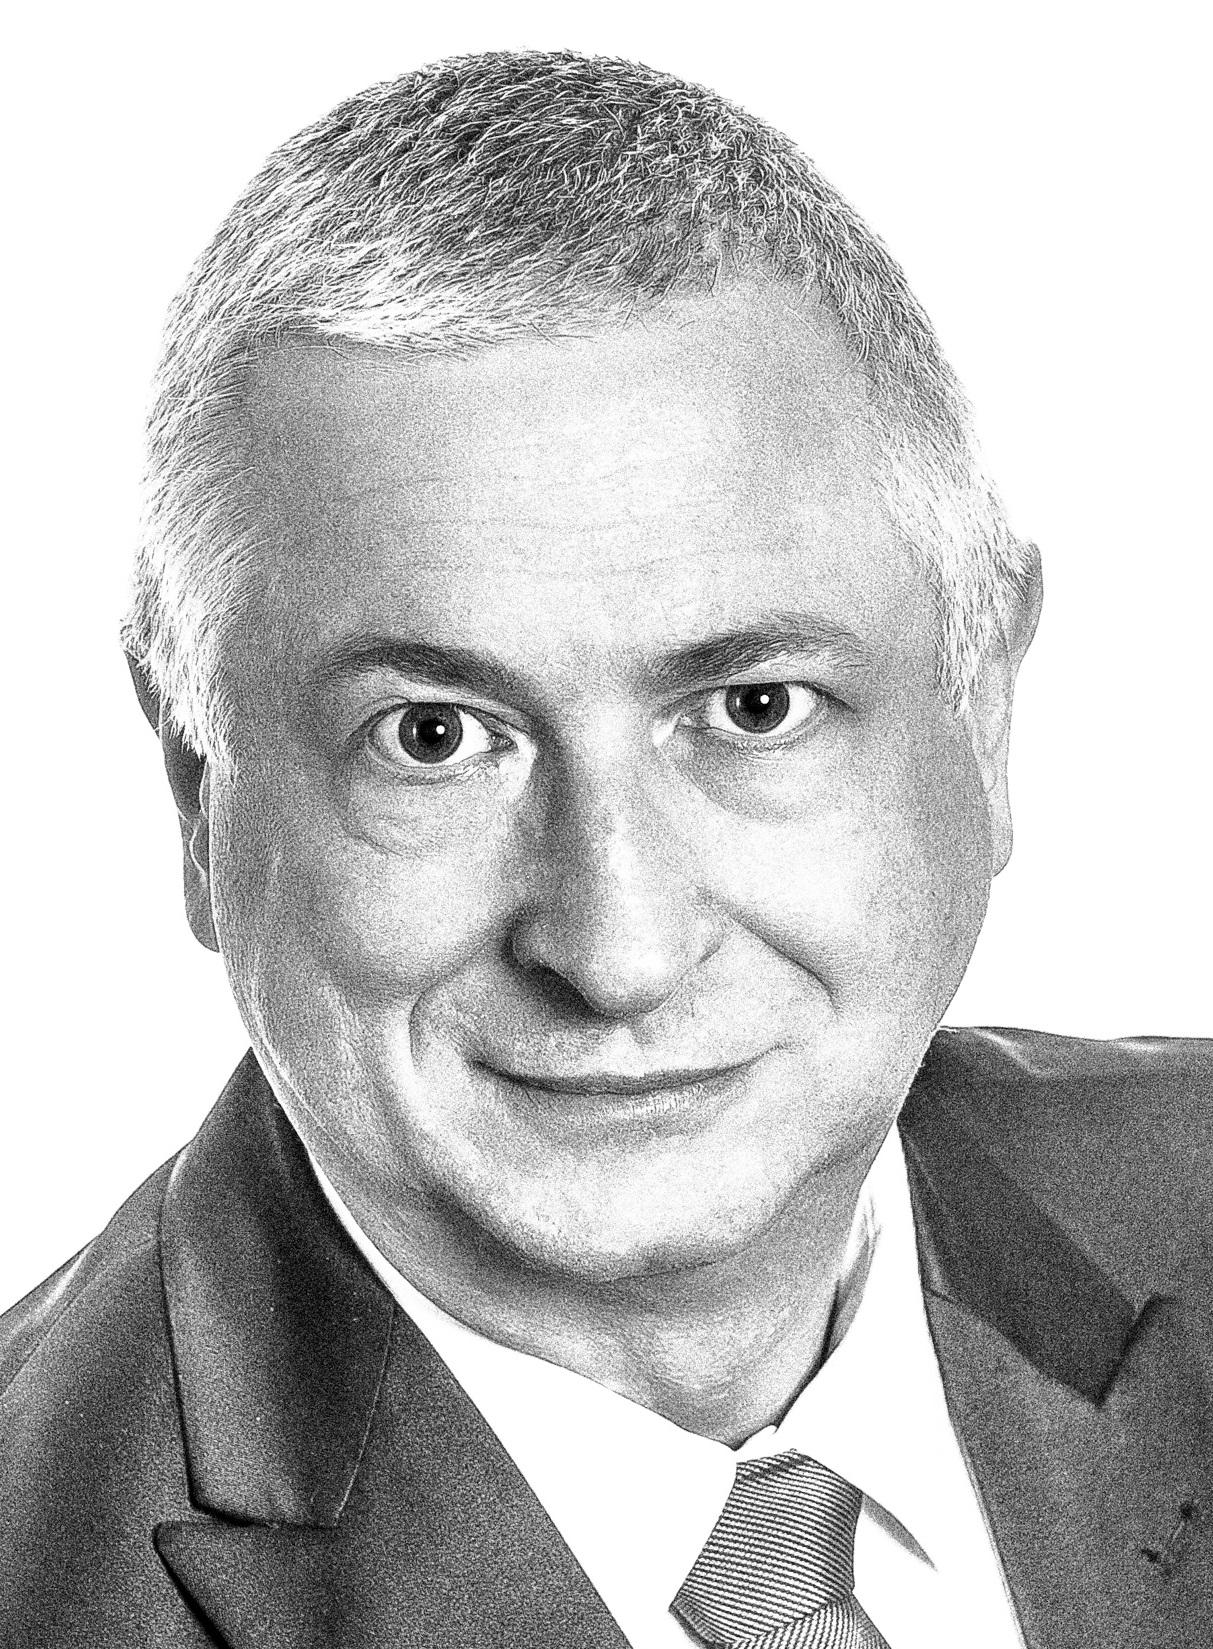 Bernhard Reichelmann